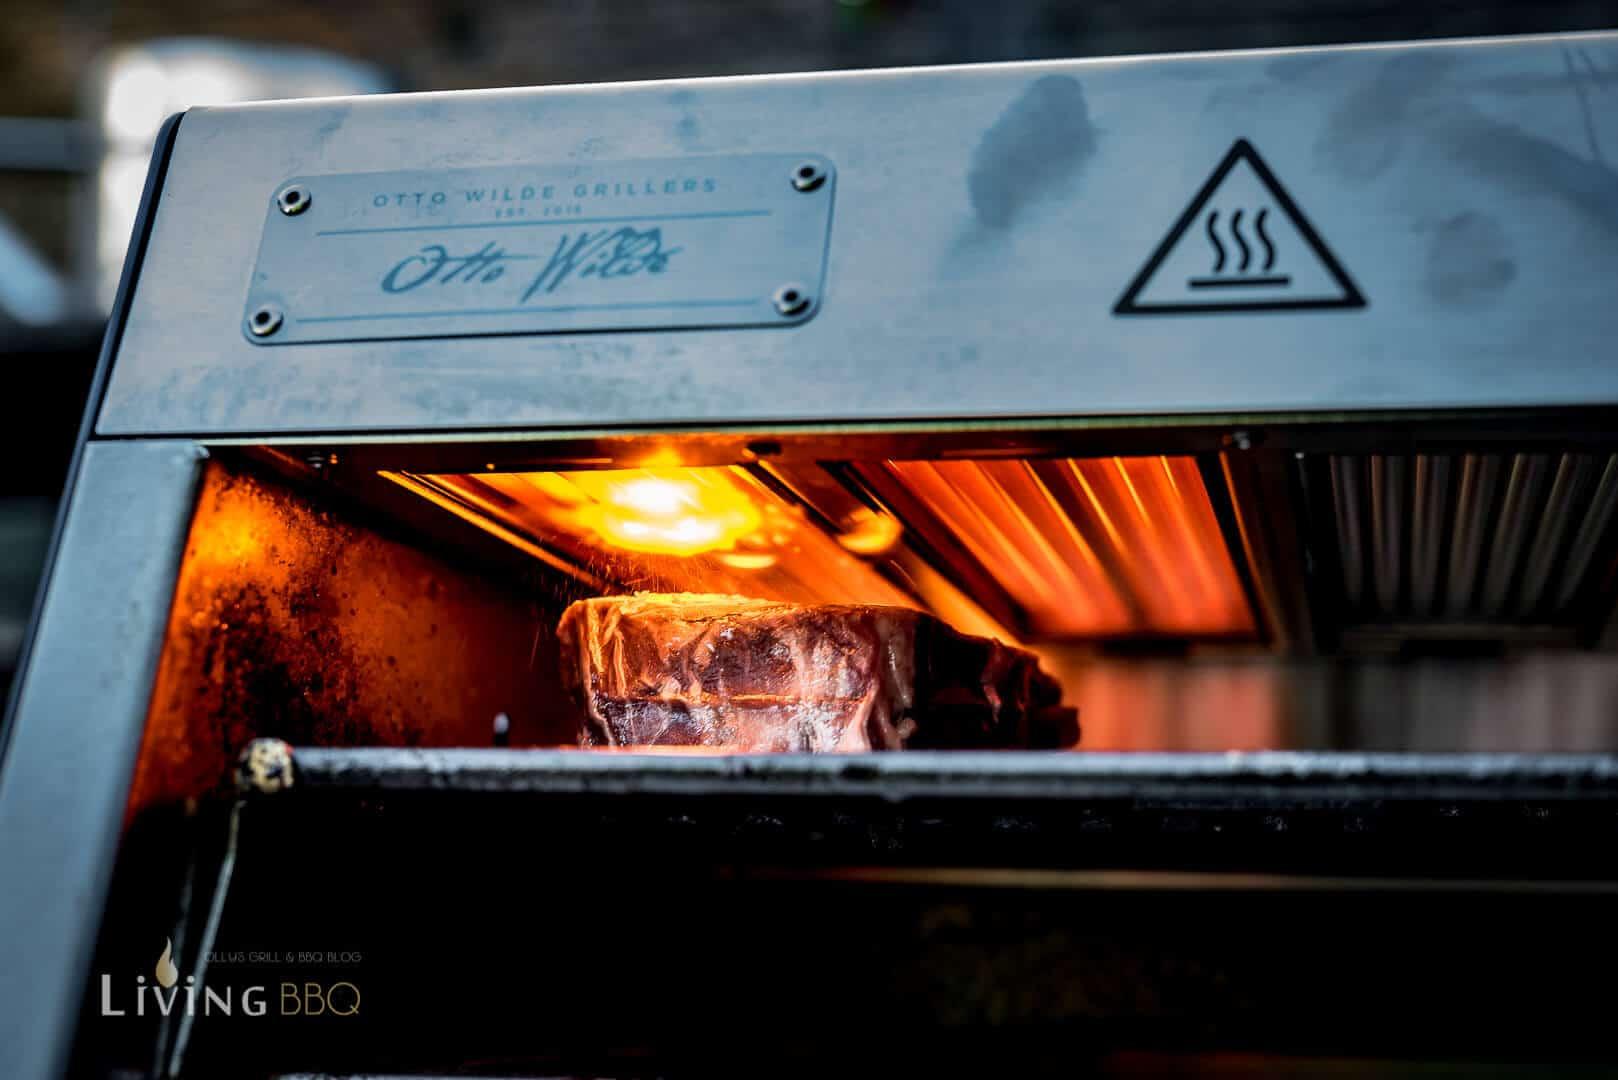 Elektro O.F.B Otto Wilde Grillers grillrezepte_Elektro O